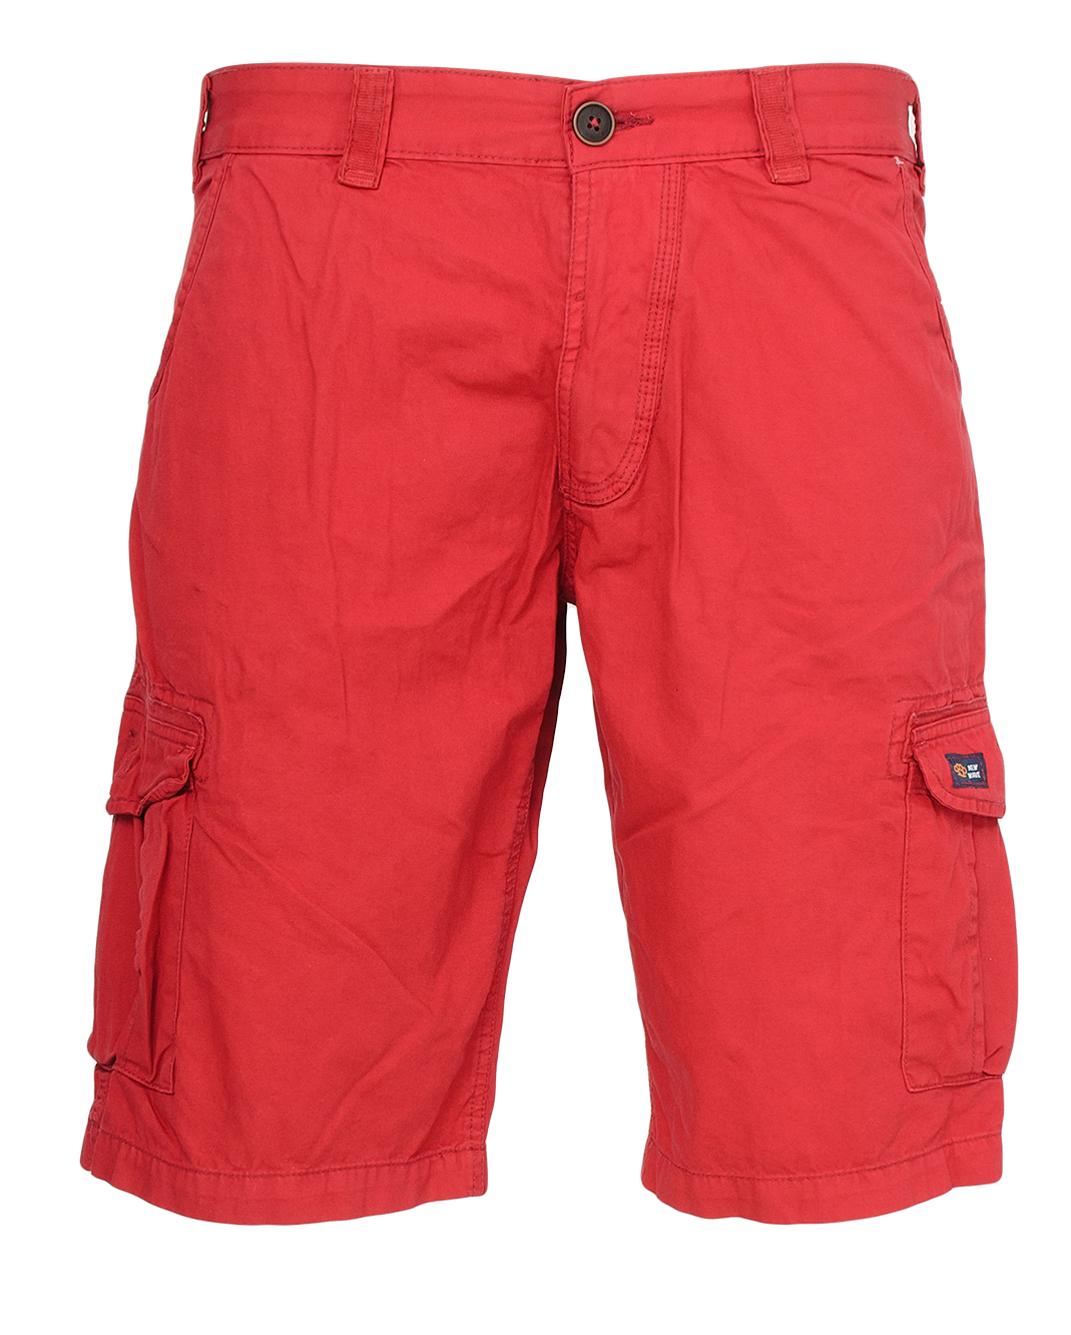 Ανδρική Βερμούδα New Wave Cargo Red αρχική ανδρικά ρούχα επιλογή ανά προϊόν βερμούδες